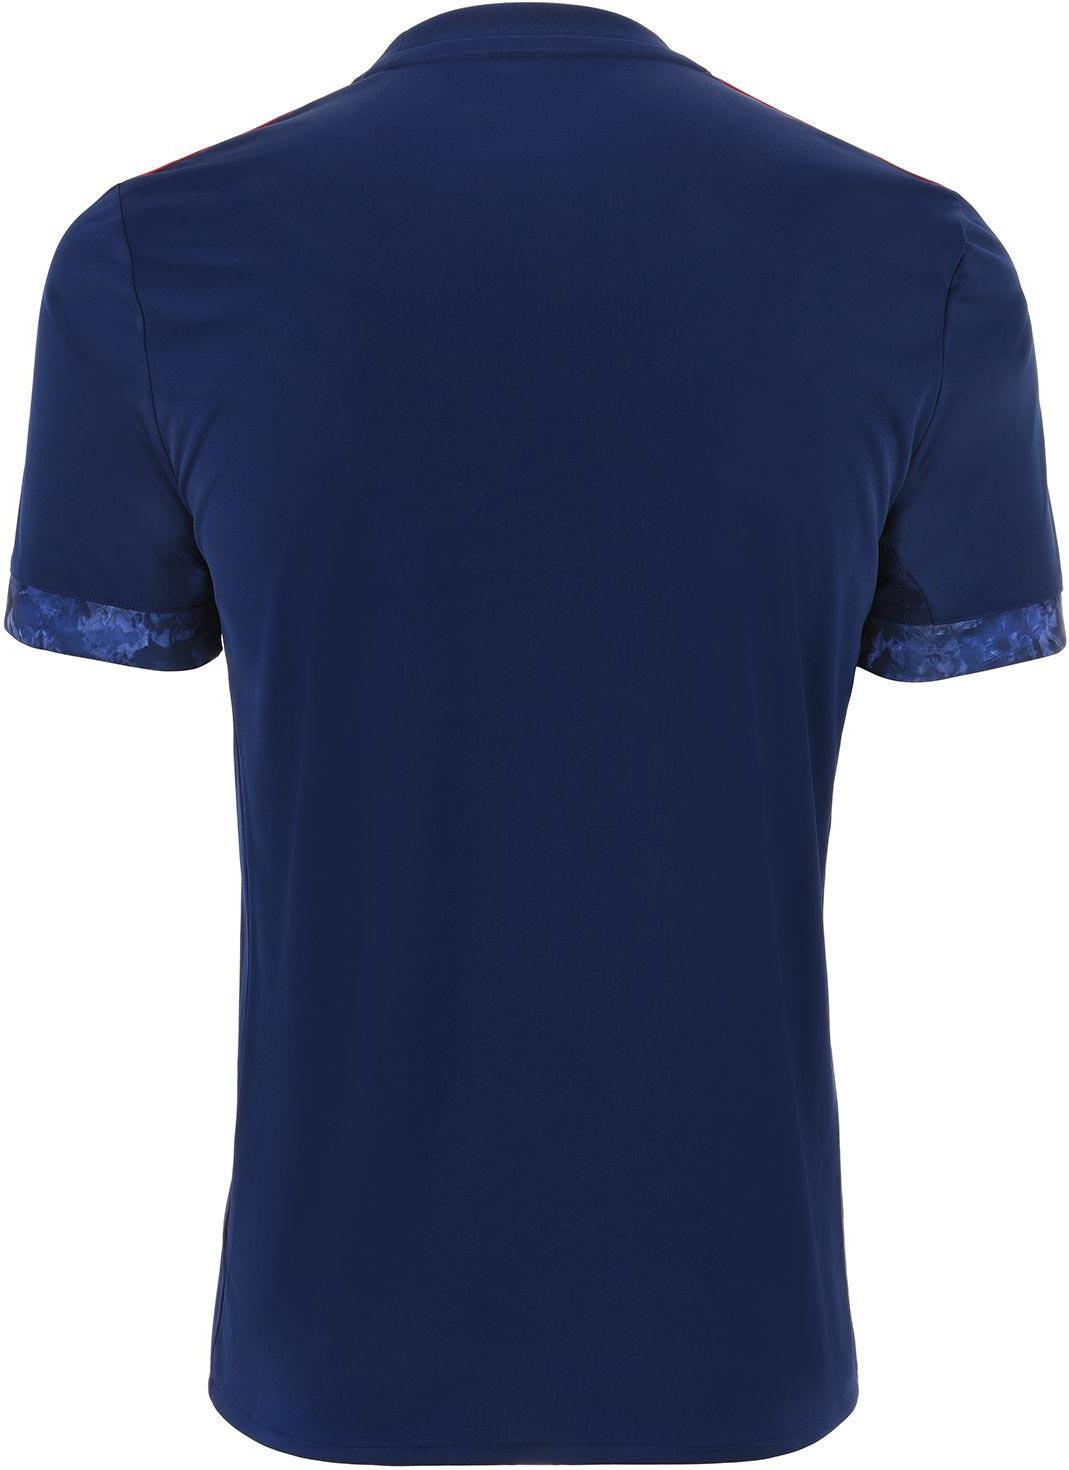 ... ajax-17-18-away-kit-back. The shirt is blue ... bccd25b8b